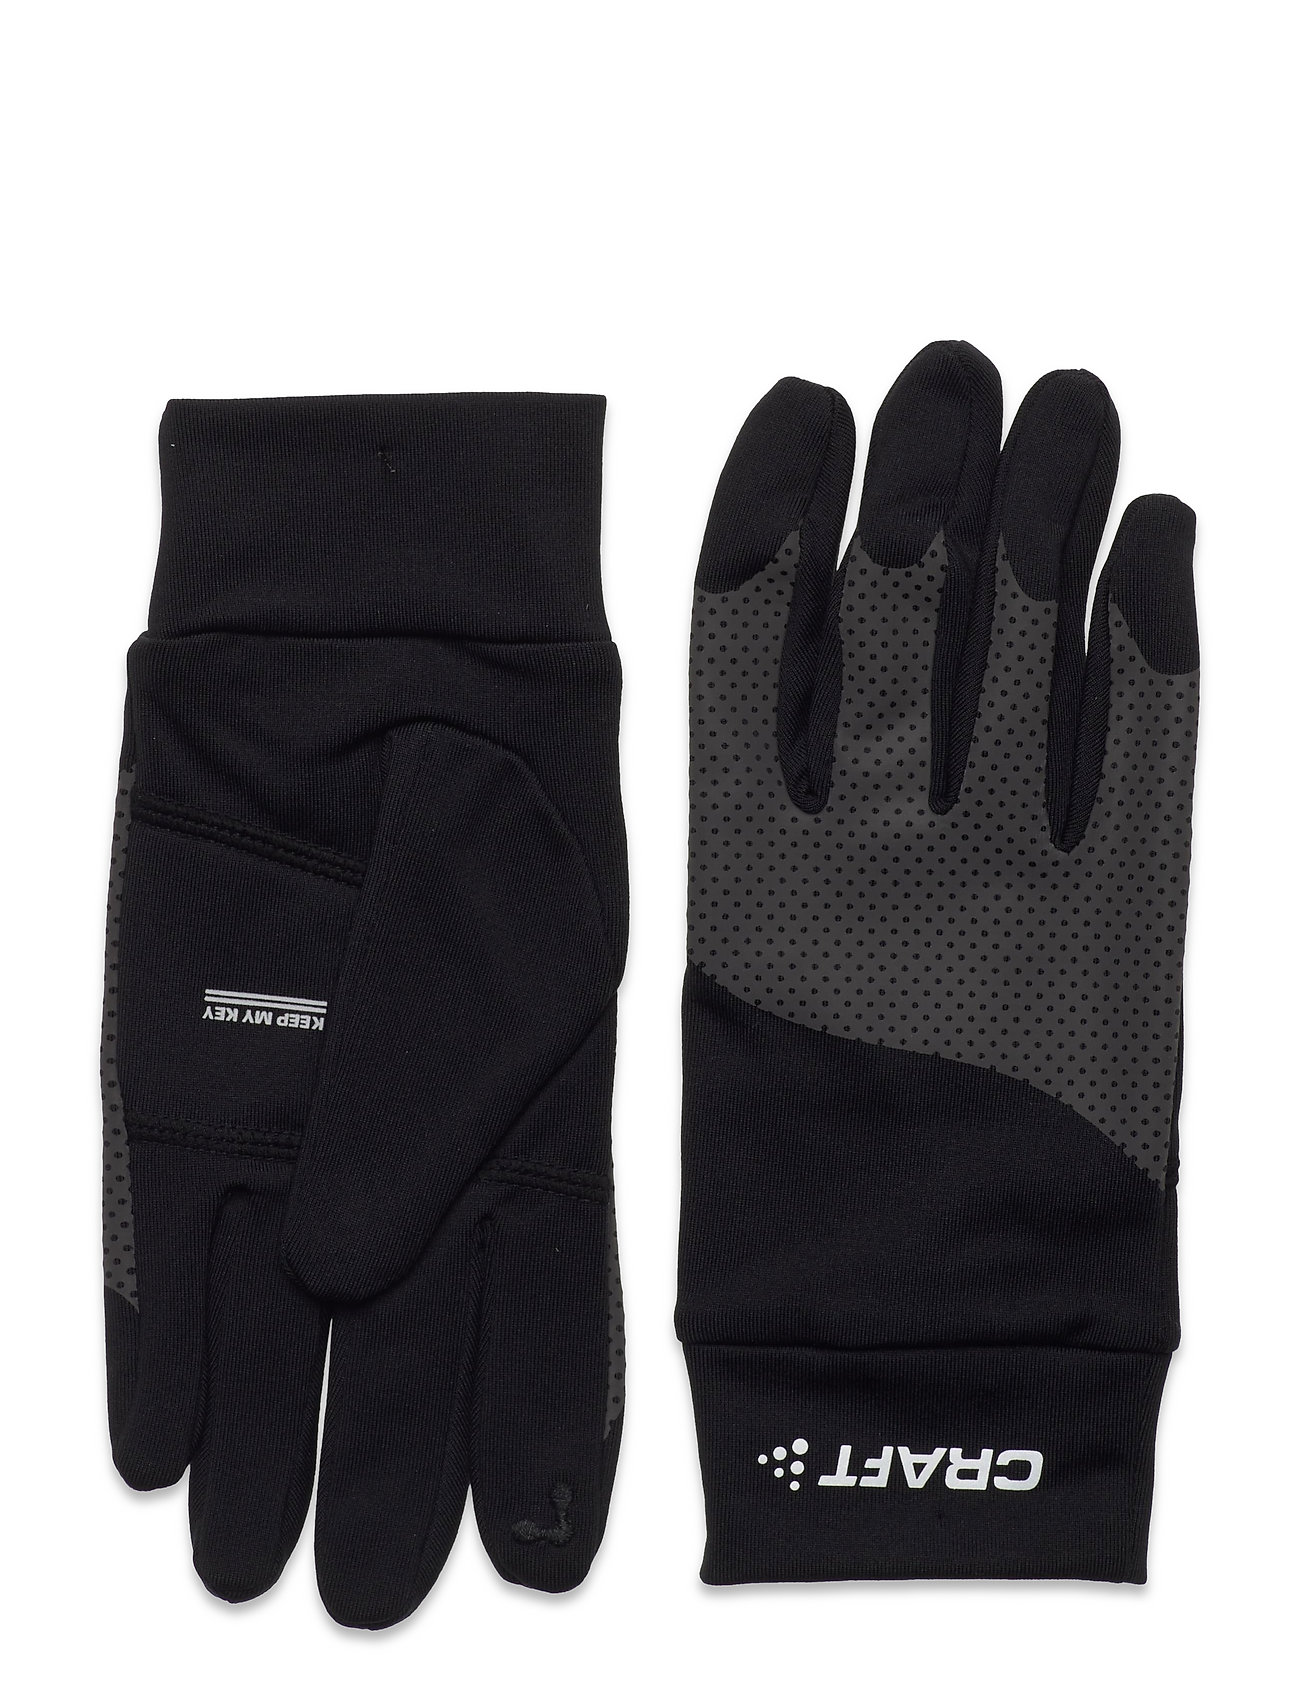 Adv Lumen Fleece Glove Handsker Sort Craft